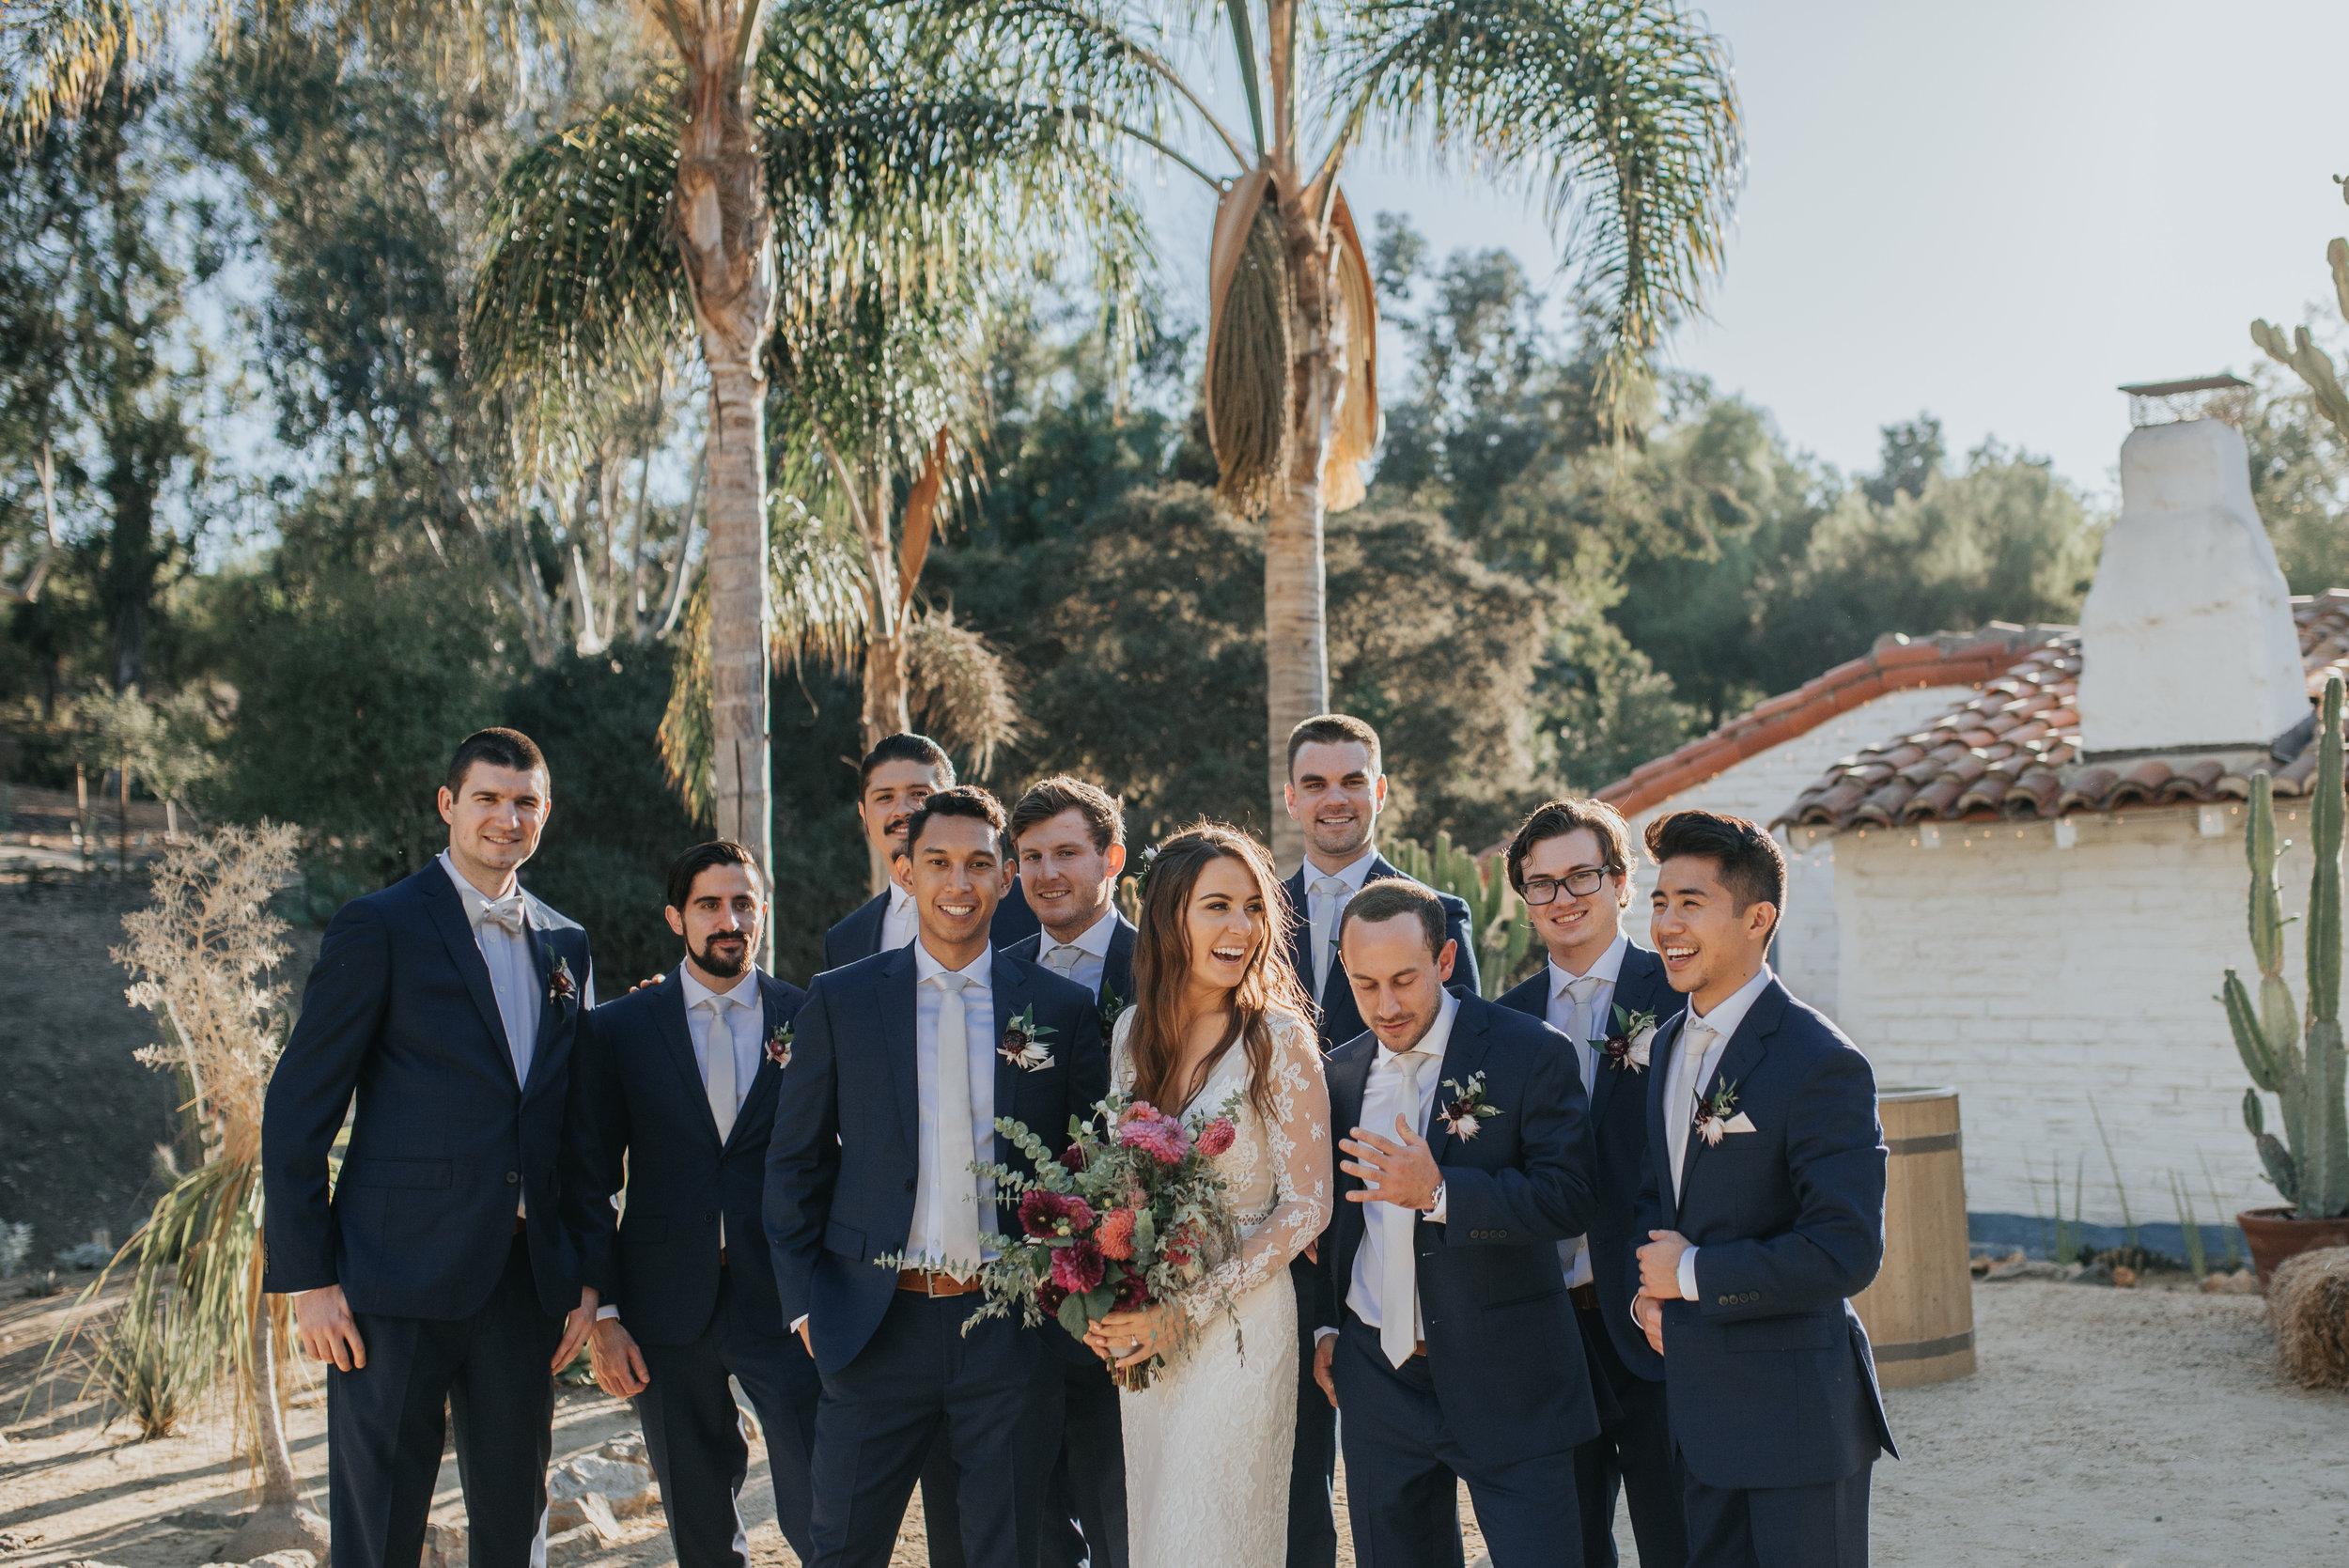 weddingparty-160.jpg